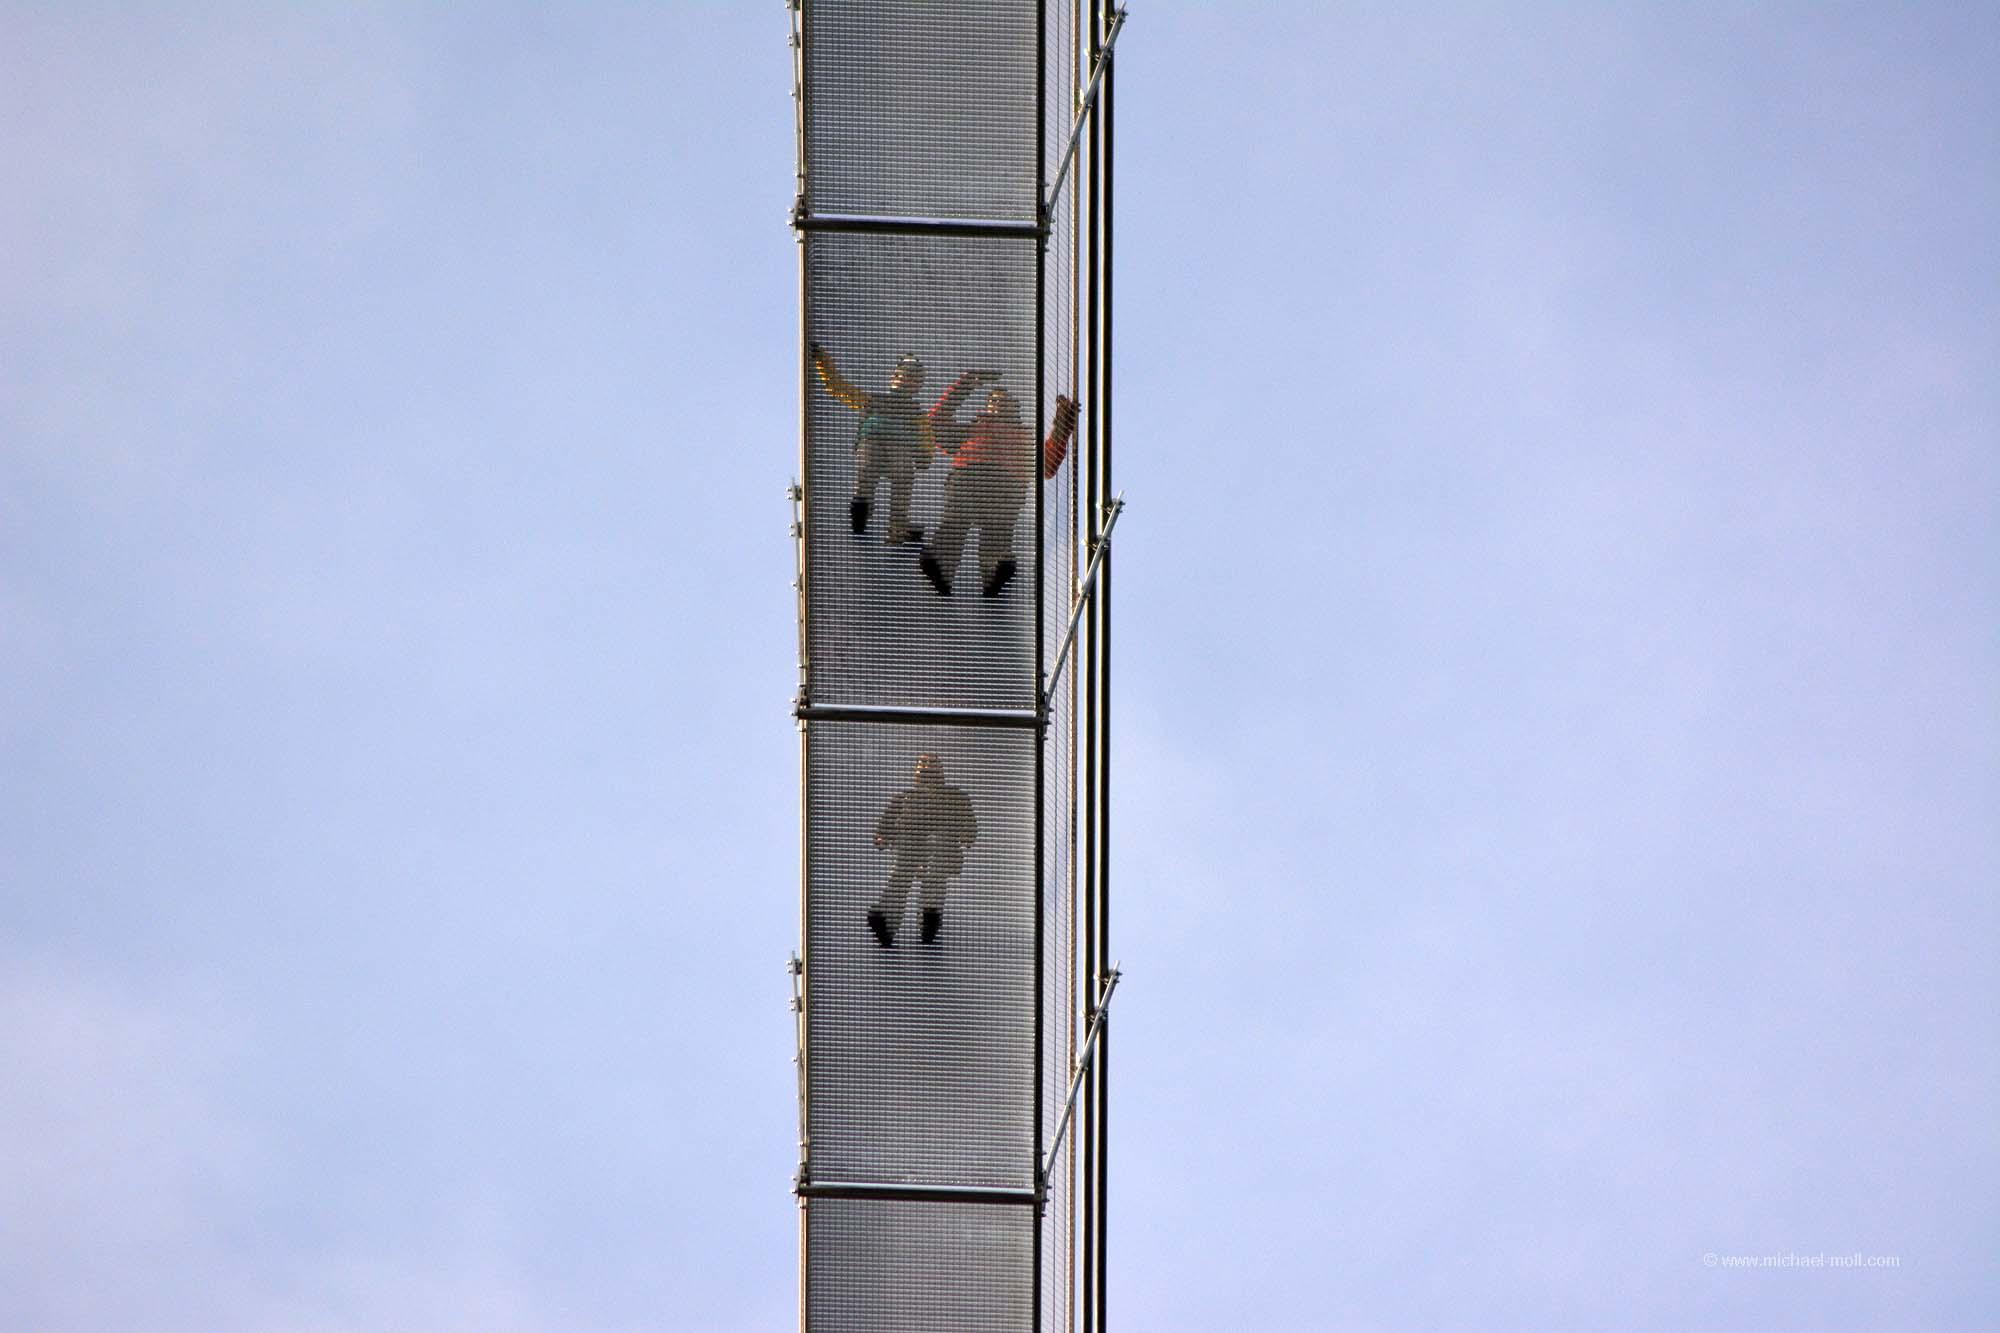 Menschen auf der Highline179